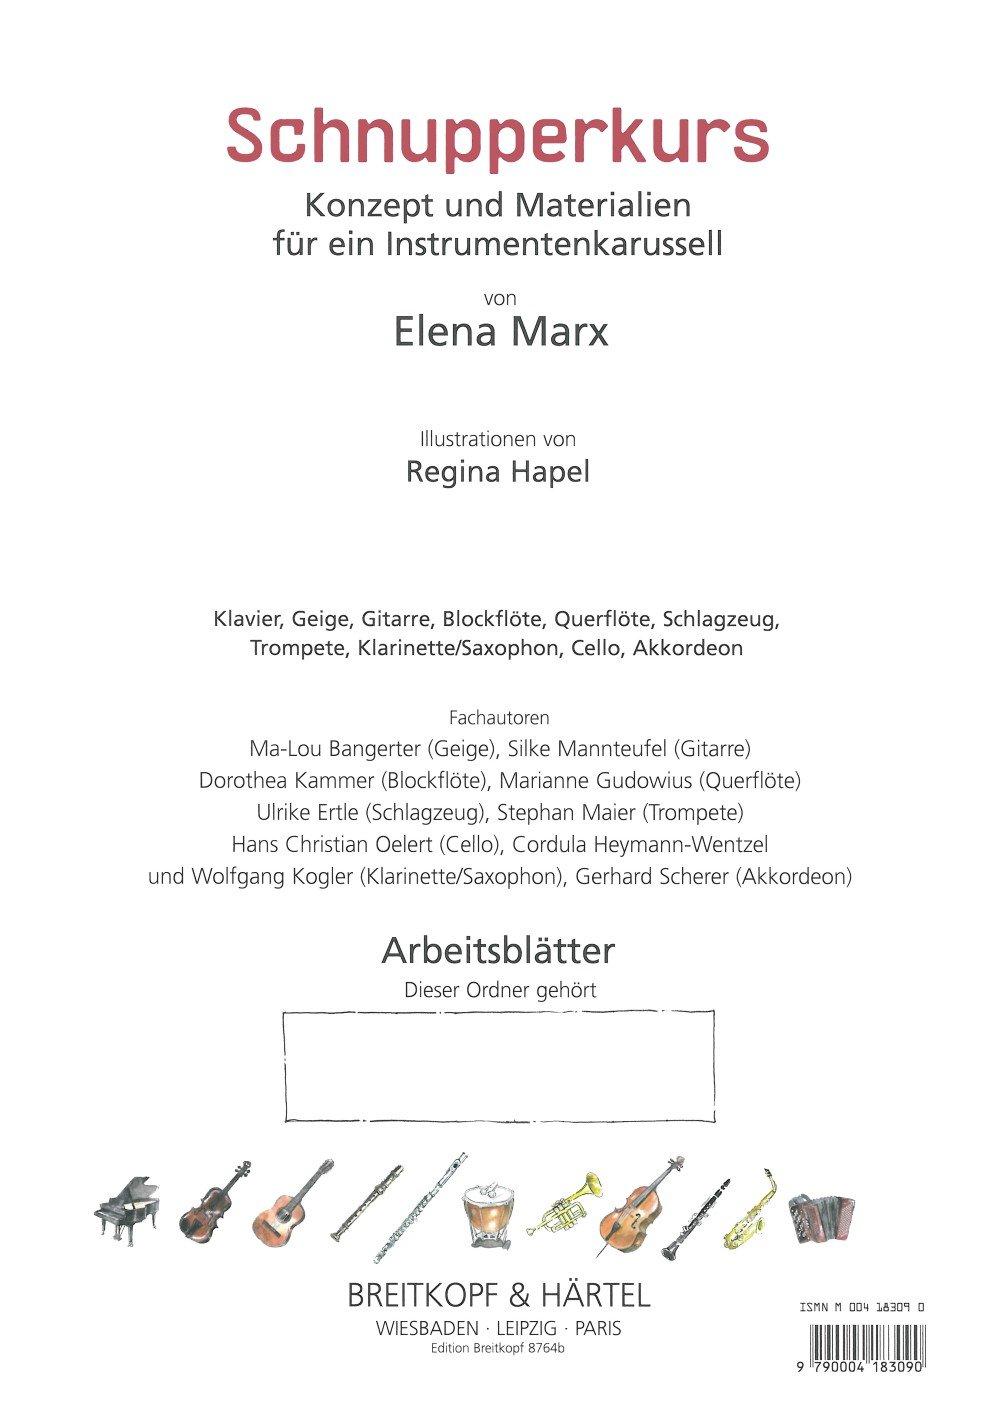 Schnupperkurs Konzept und Materialien für ein Instrumentenkarussell ...